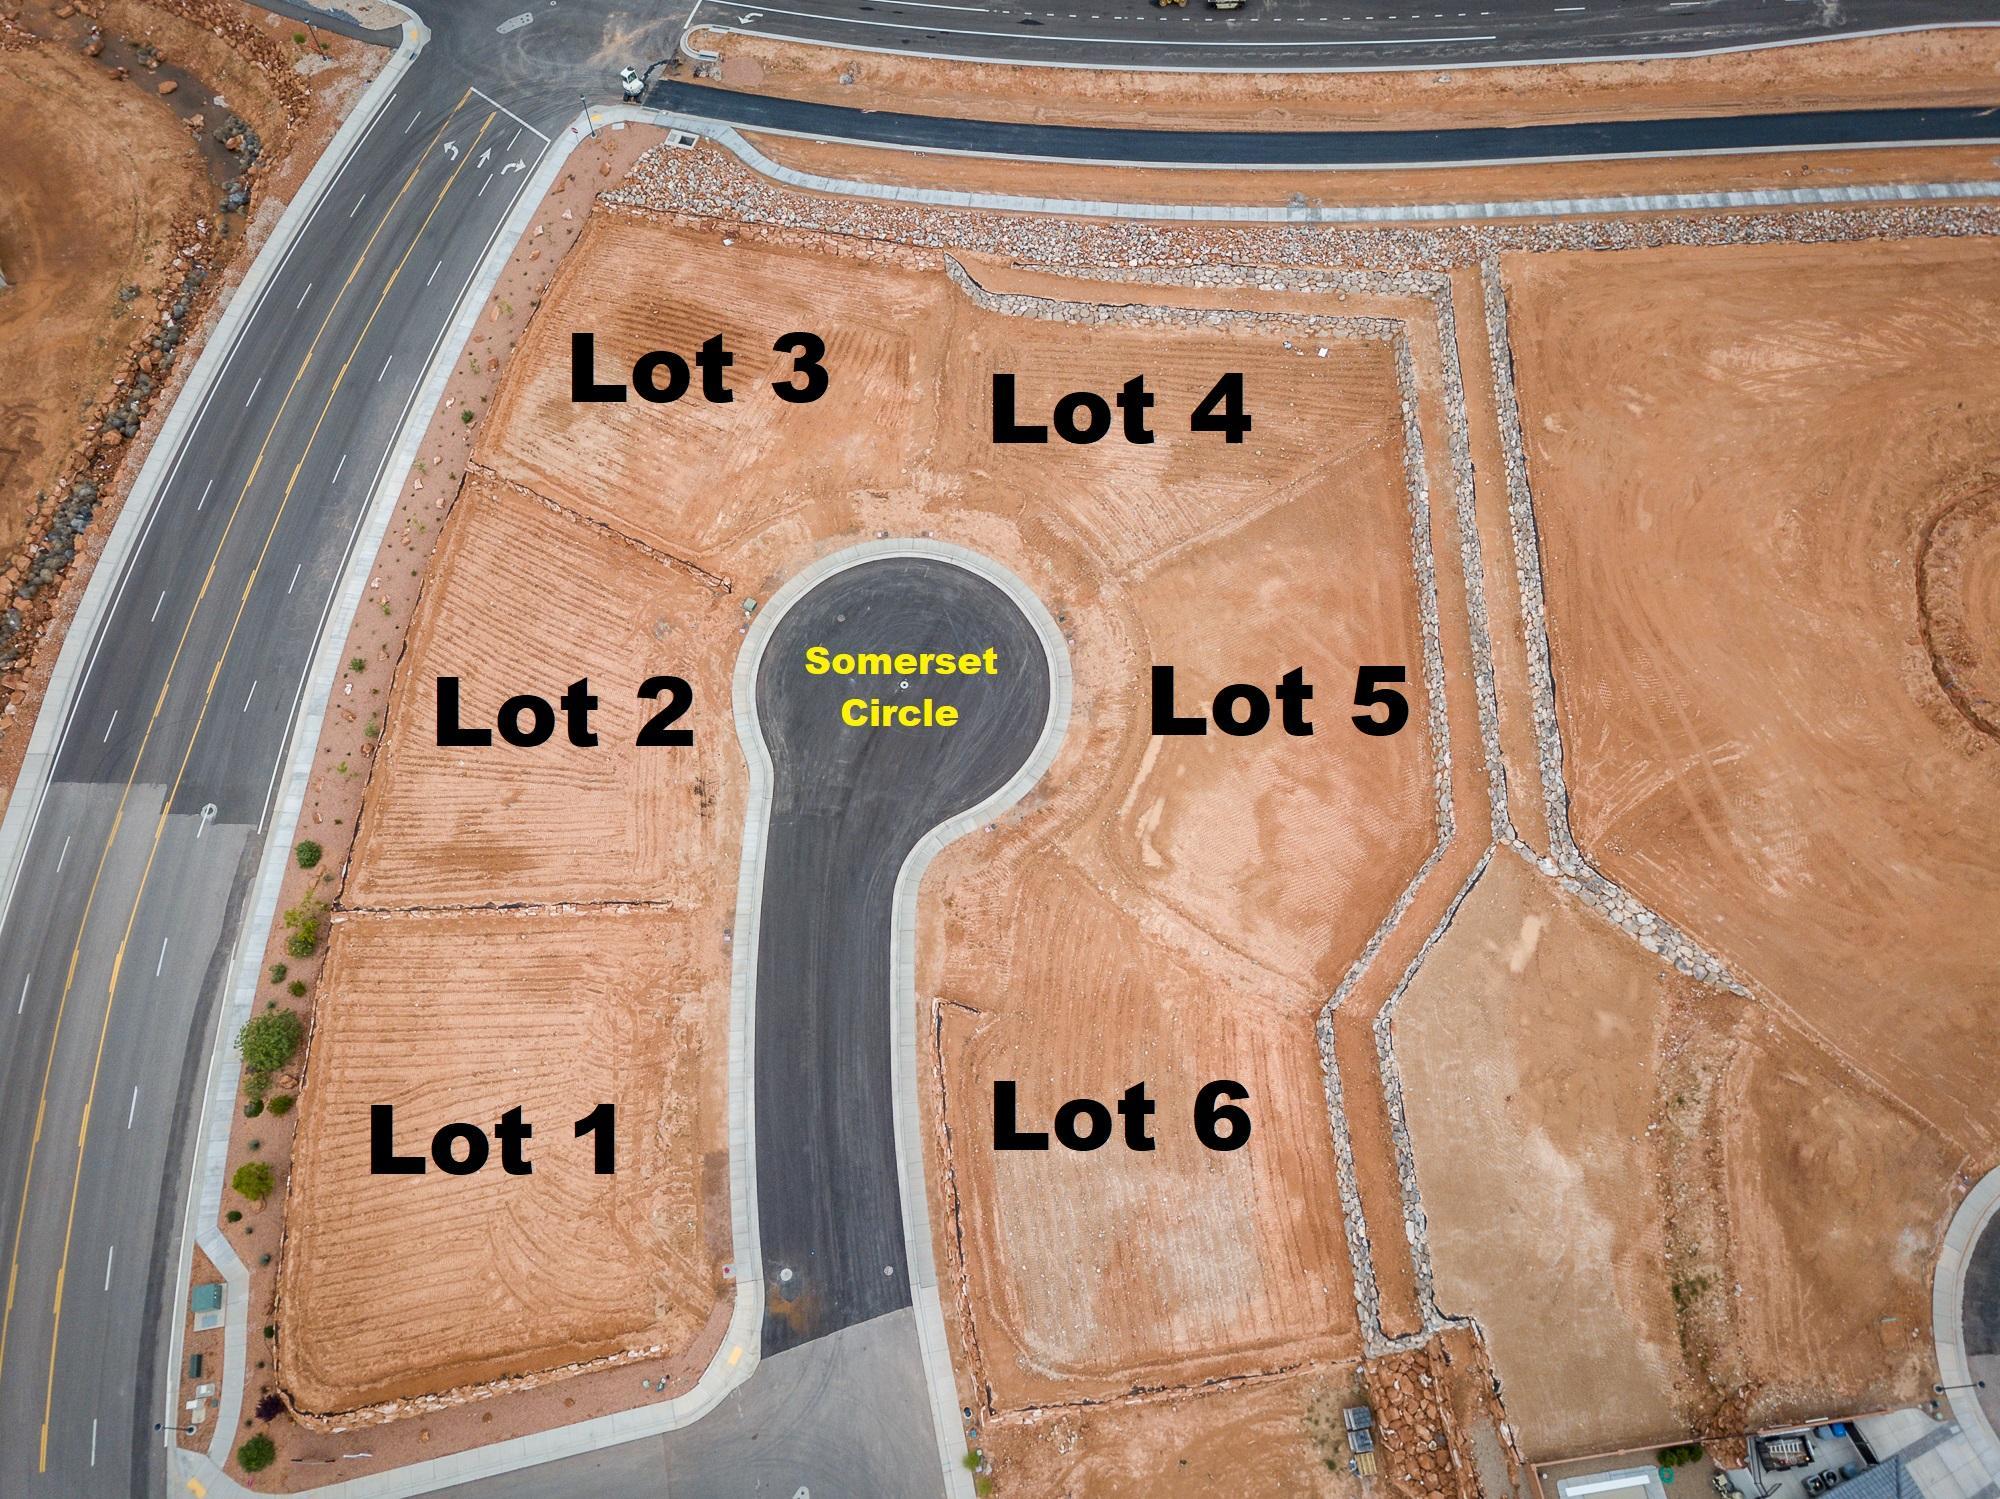 CIR Lot 4